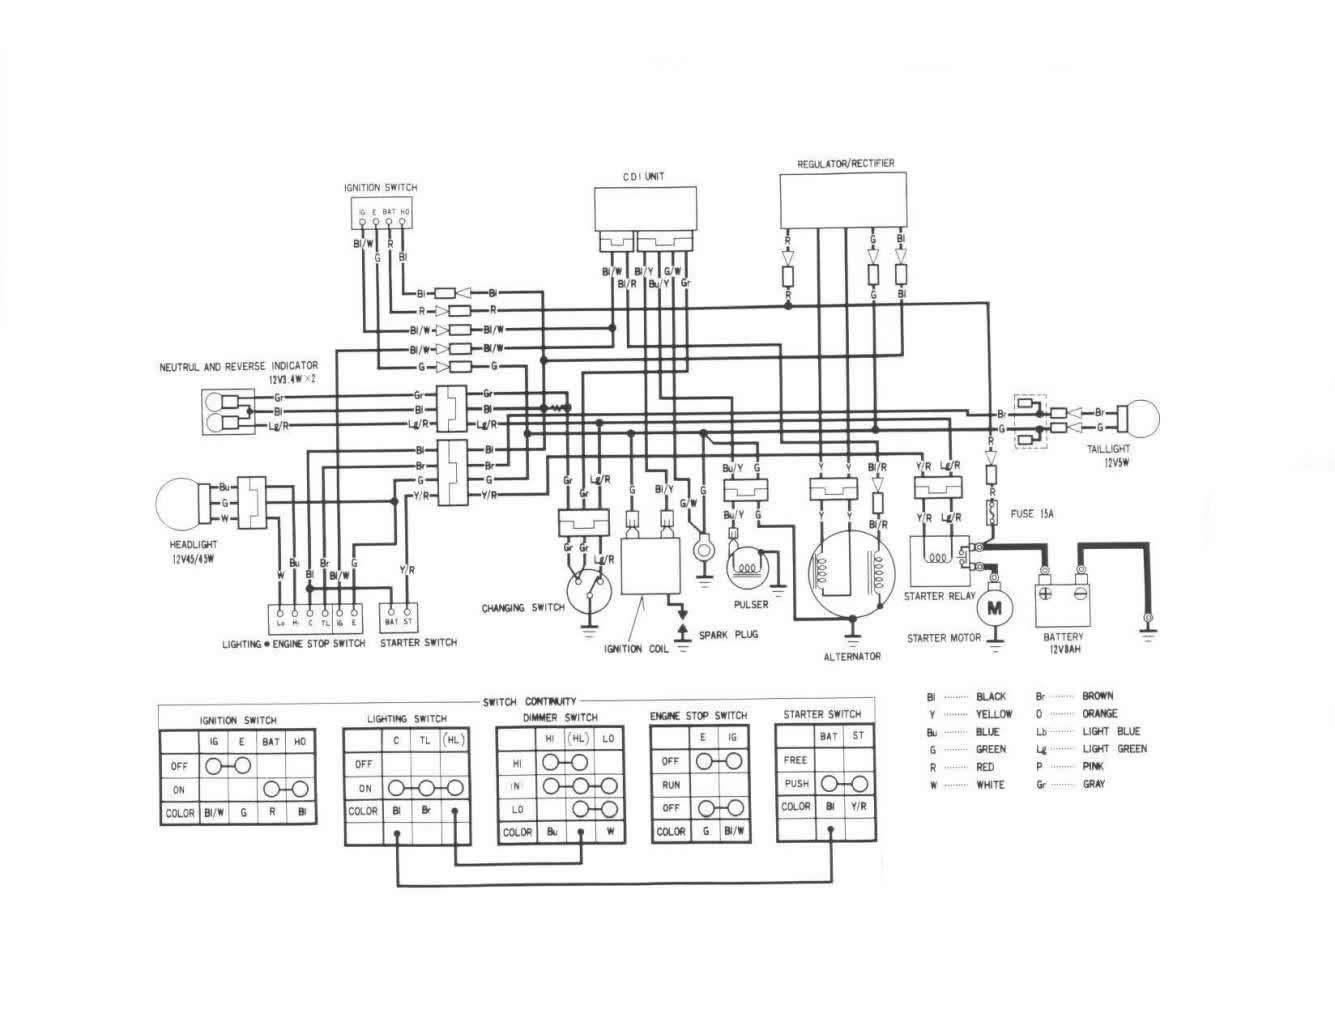 kawasaki bayou klf 300 wiring schematic